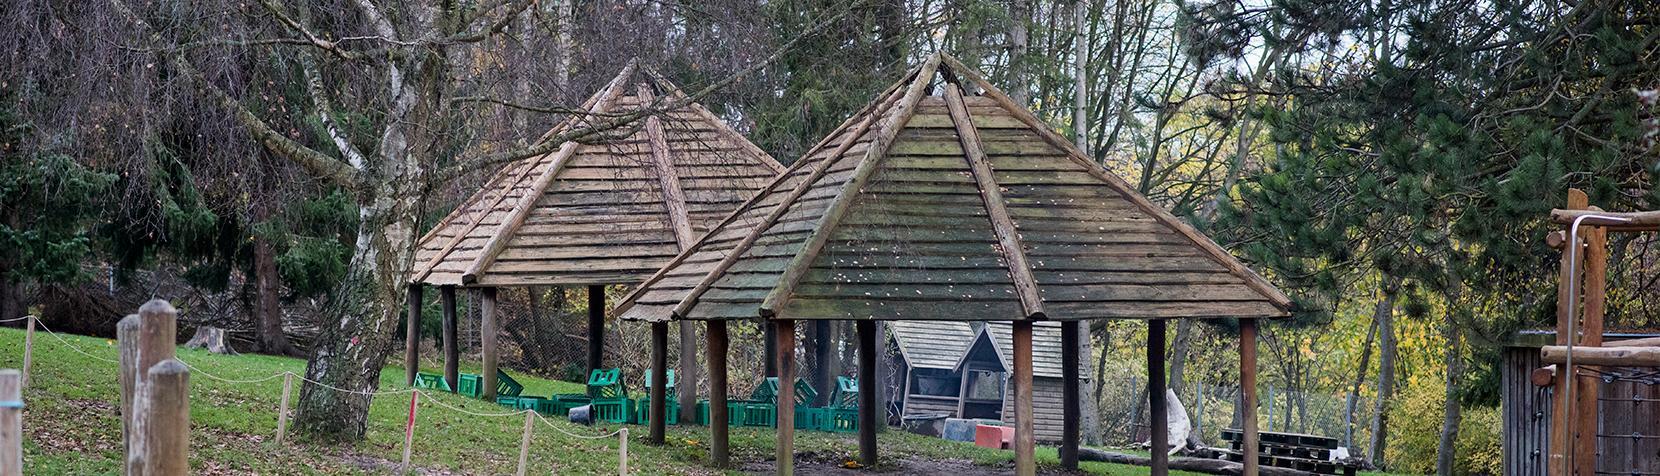 Legeplads ved Børnehuset Pilegården